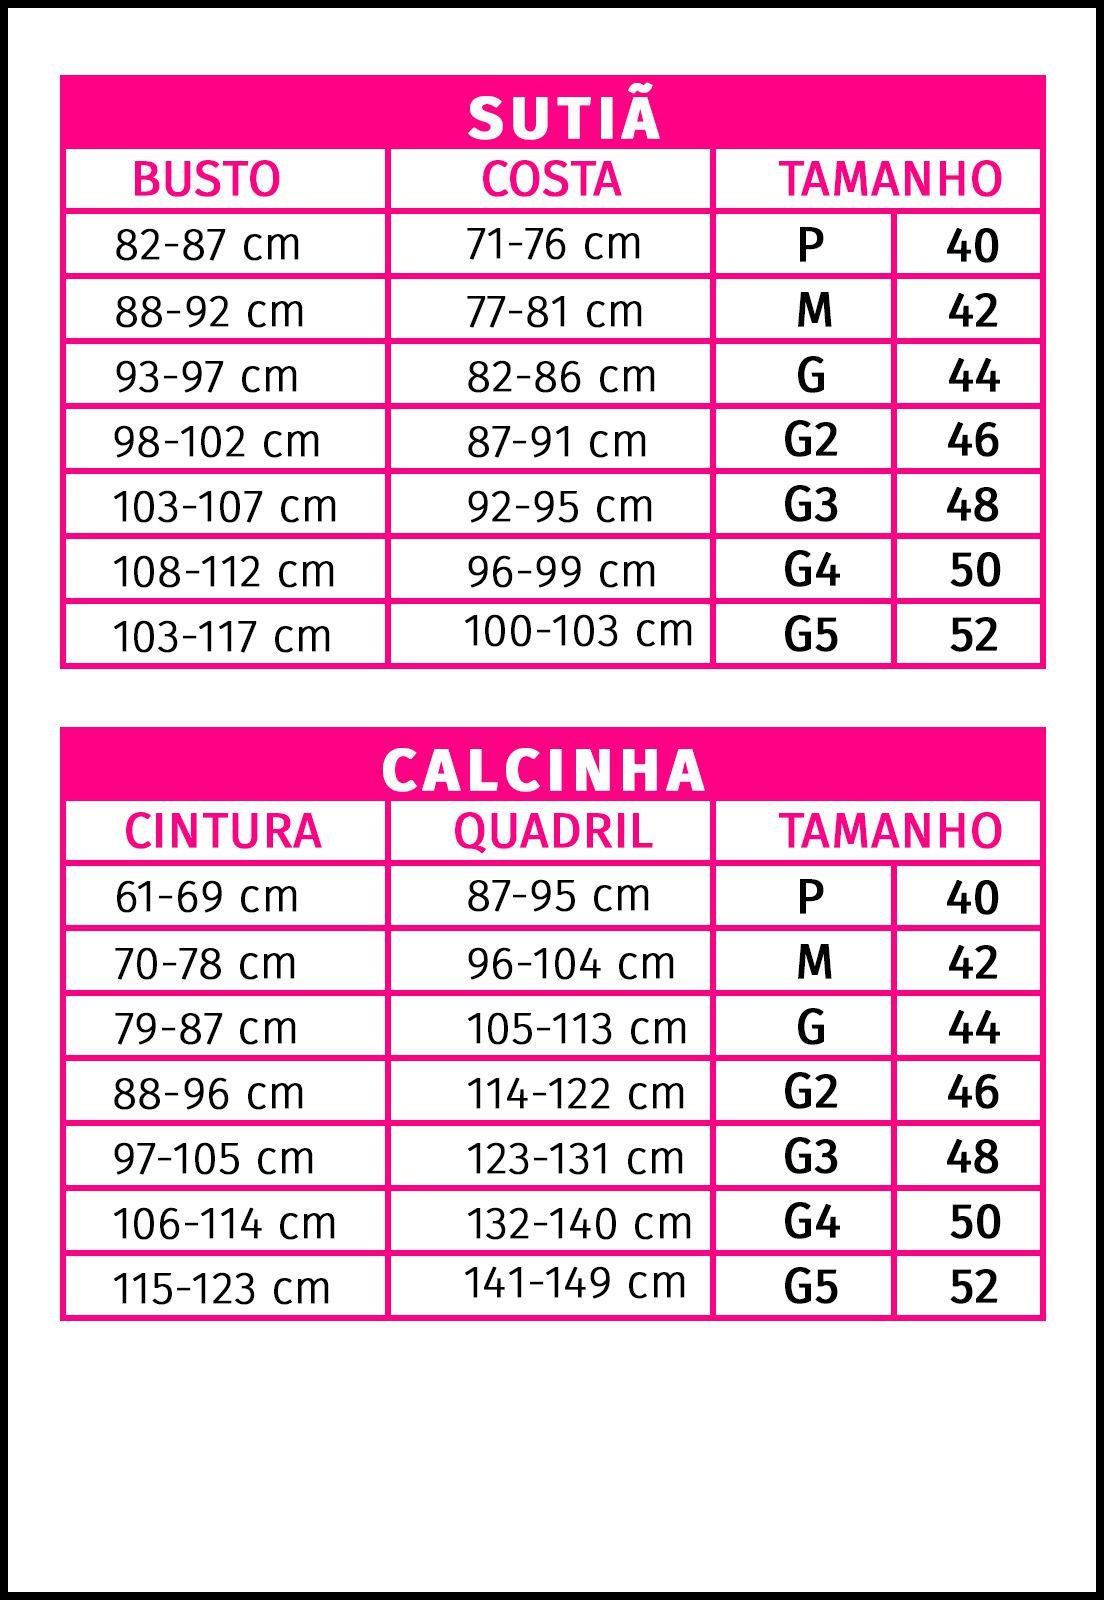 CONJUNTO MICROFIBRA E RENDA - SUTIÃ + CALCINHA - 175C